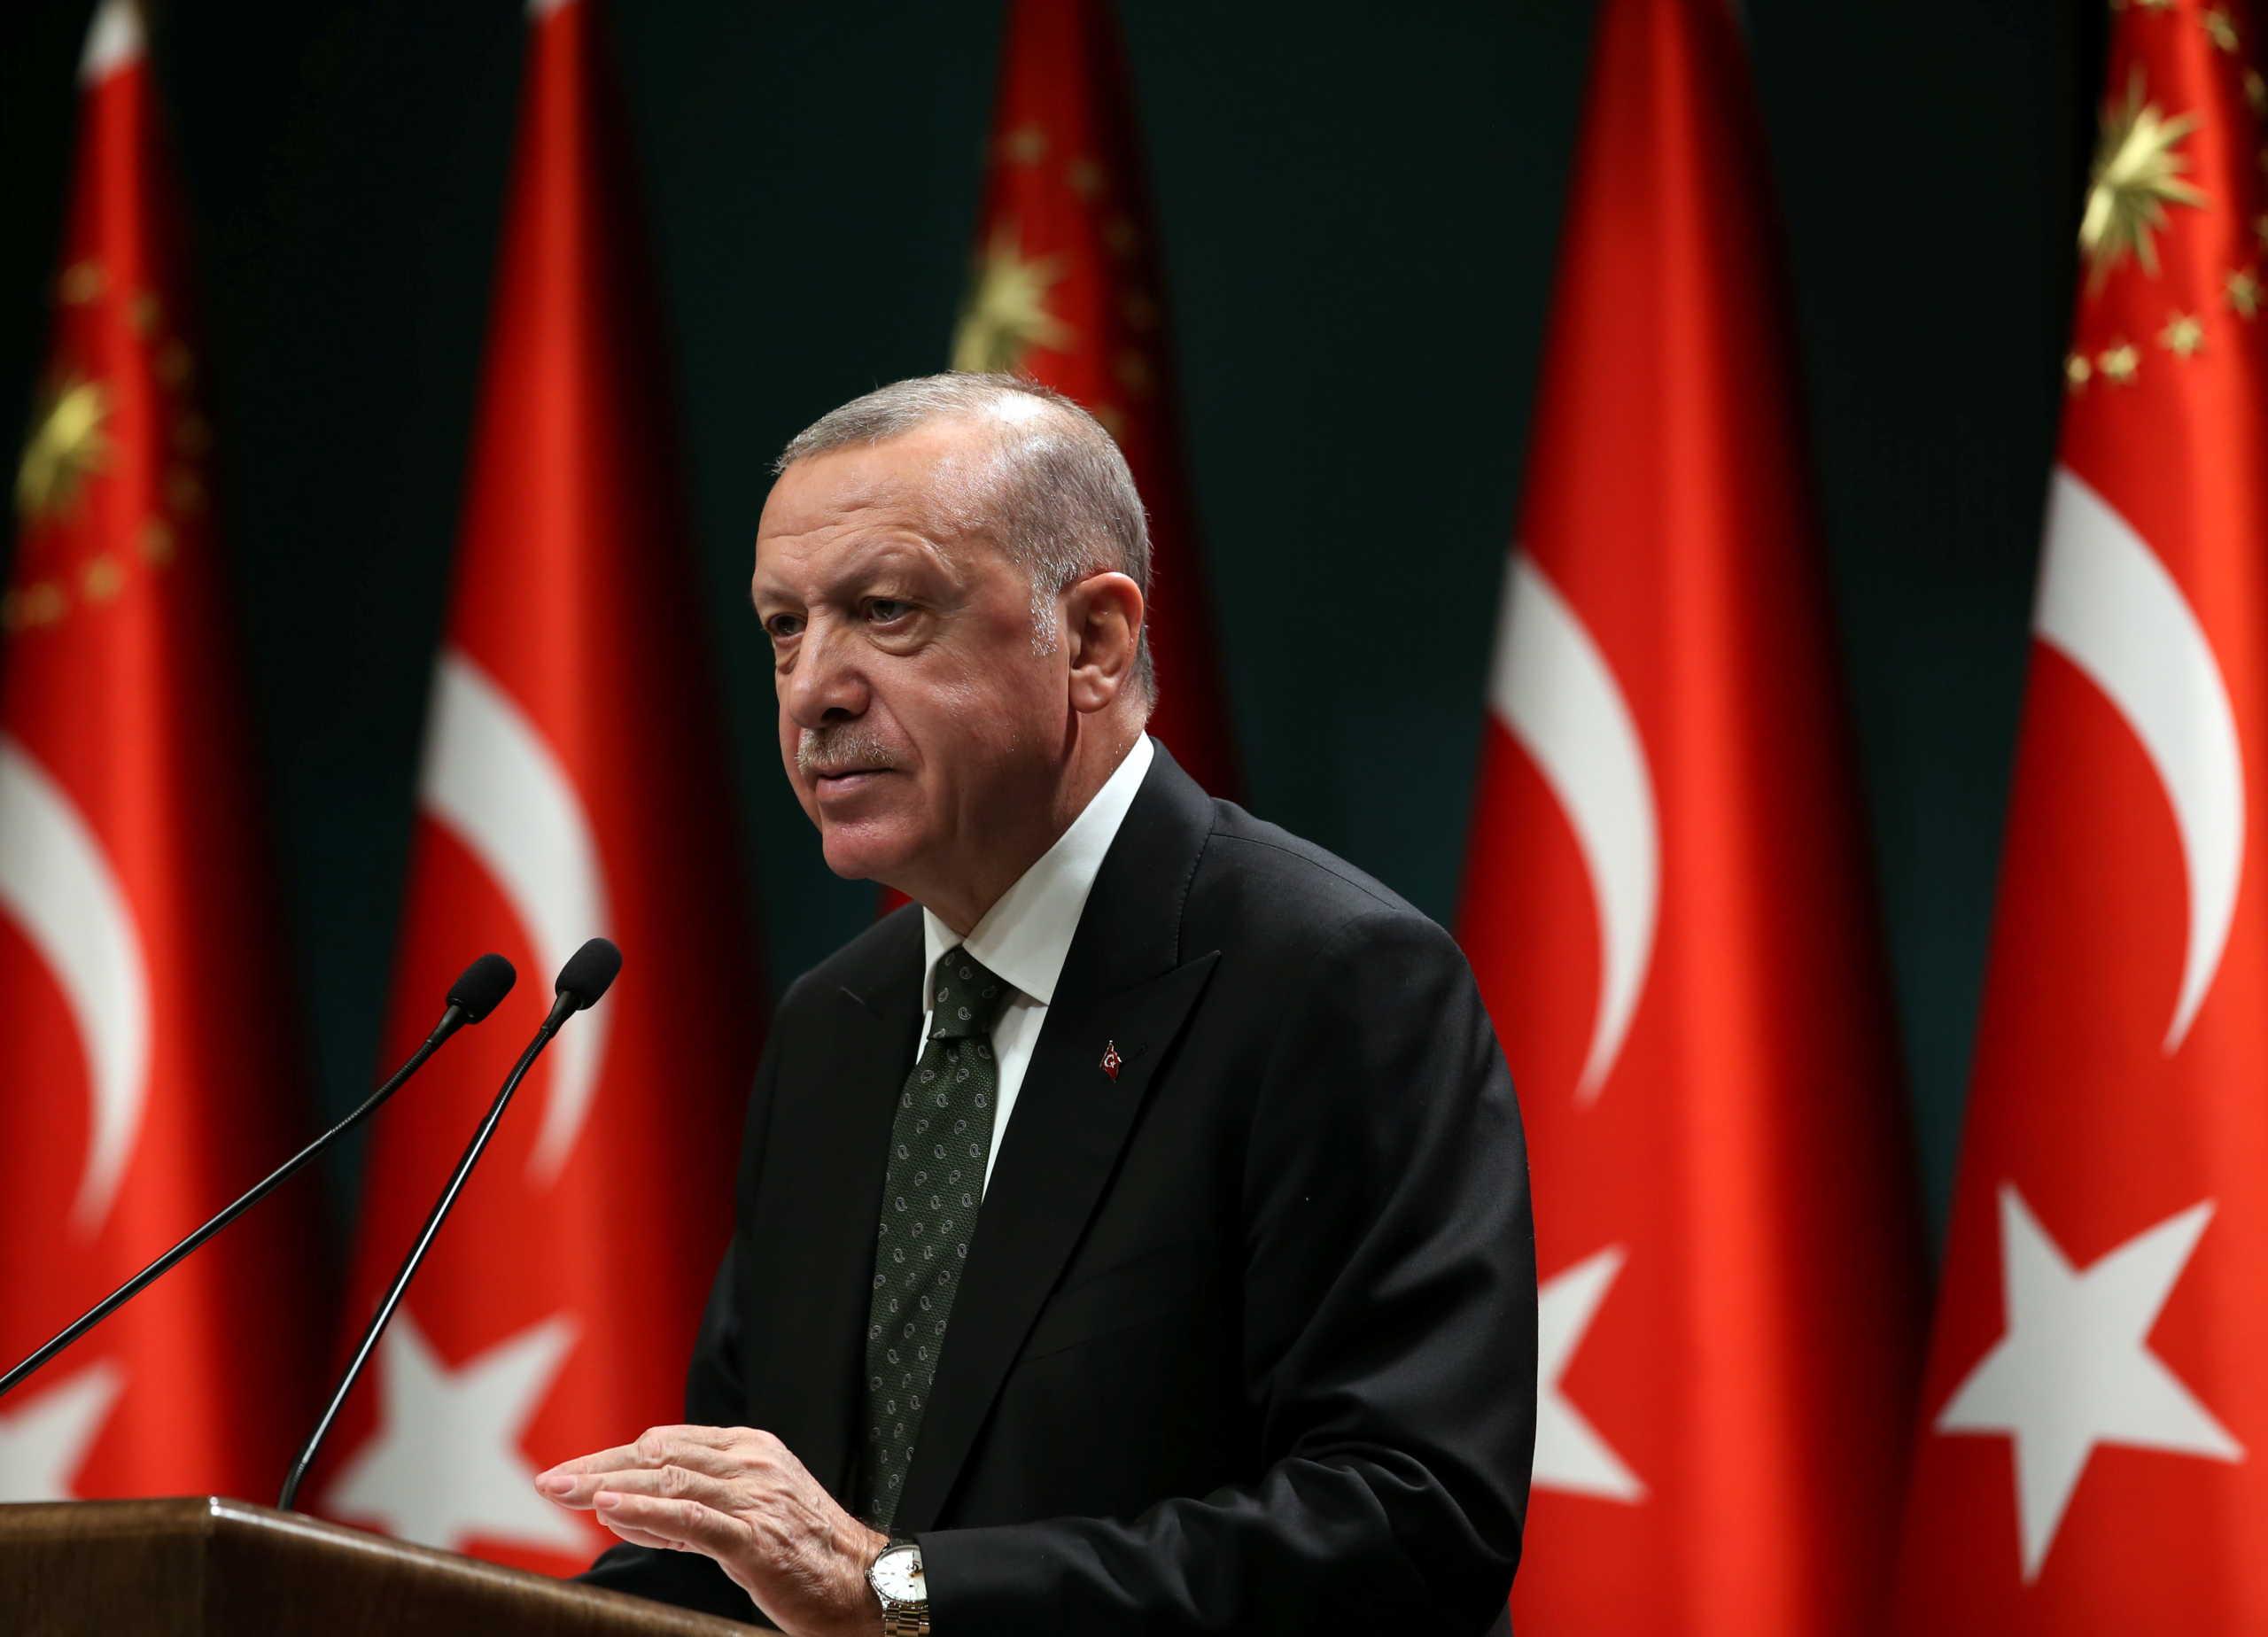 Επικοινωνία Ερντογάν –Σαλμάν για την βελτίωση των σχέσεων μετά τη δολοφονία Κασόγκι